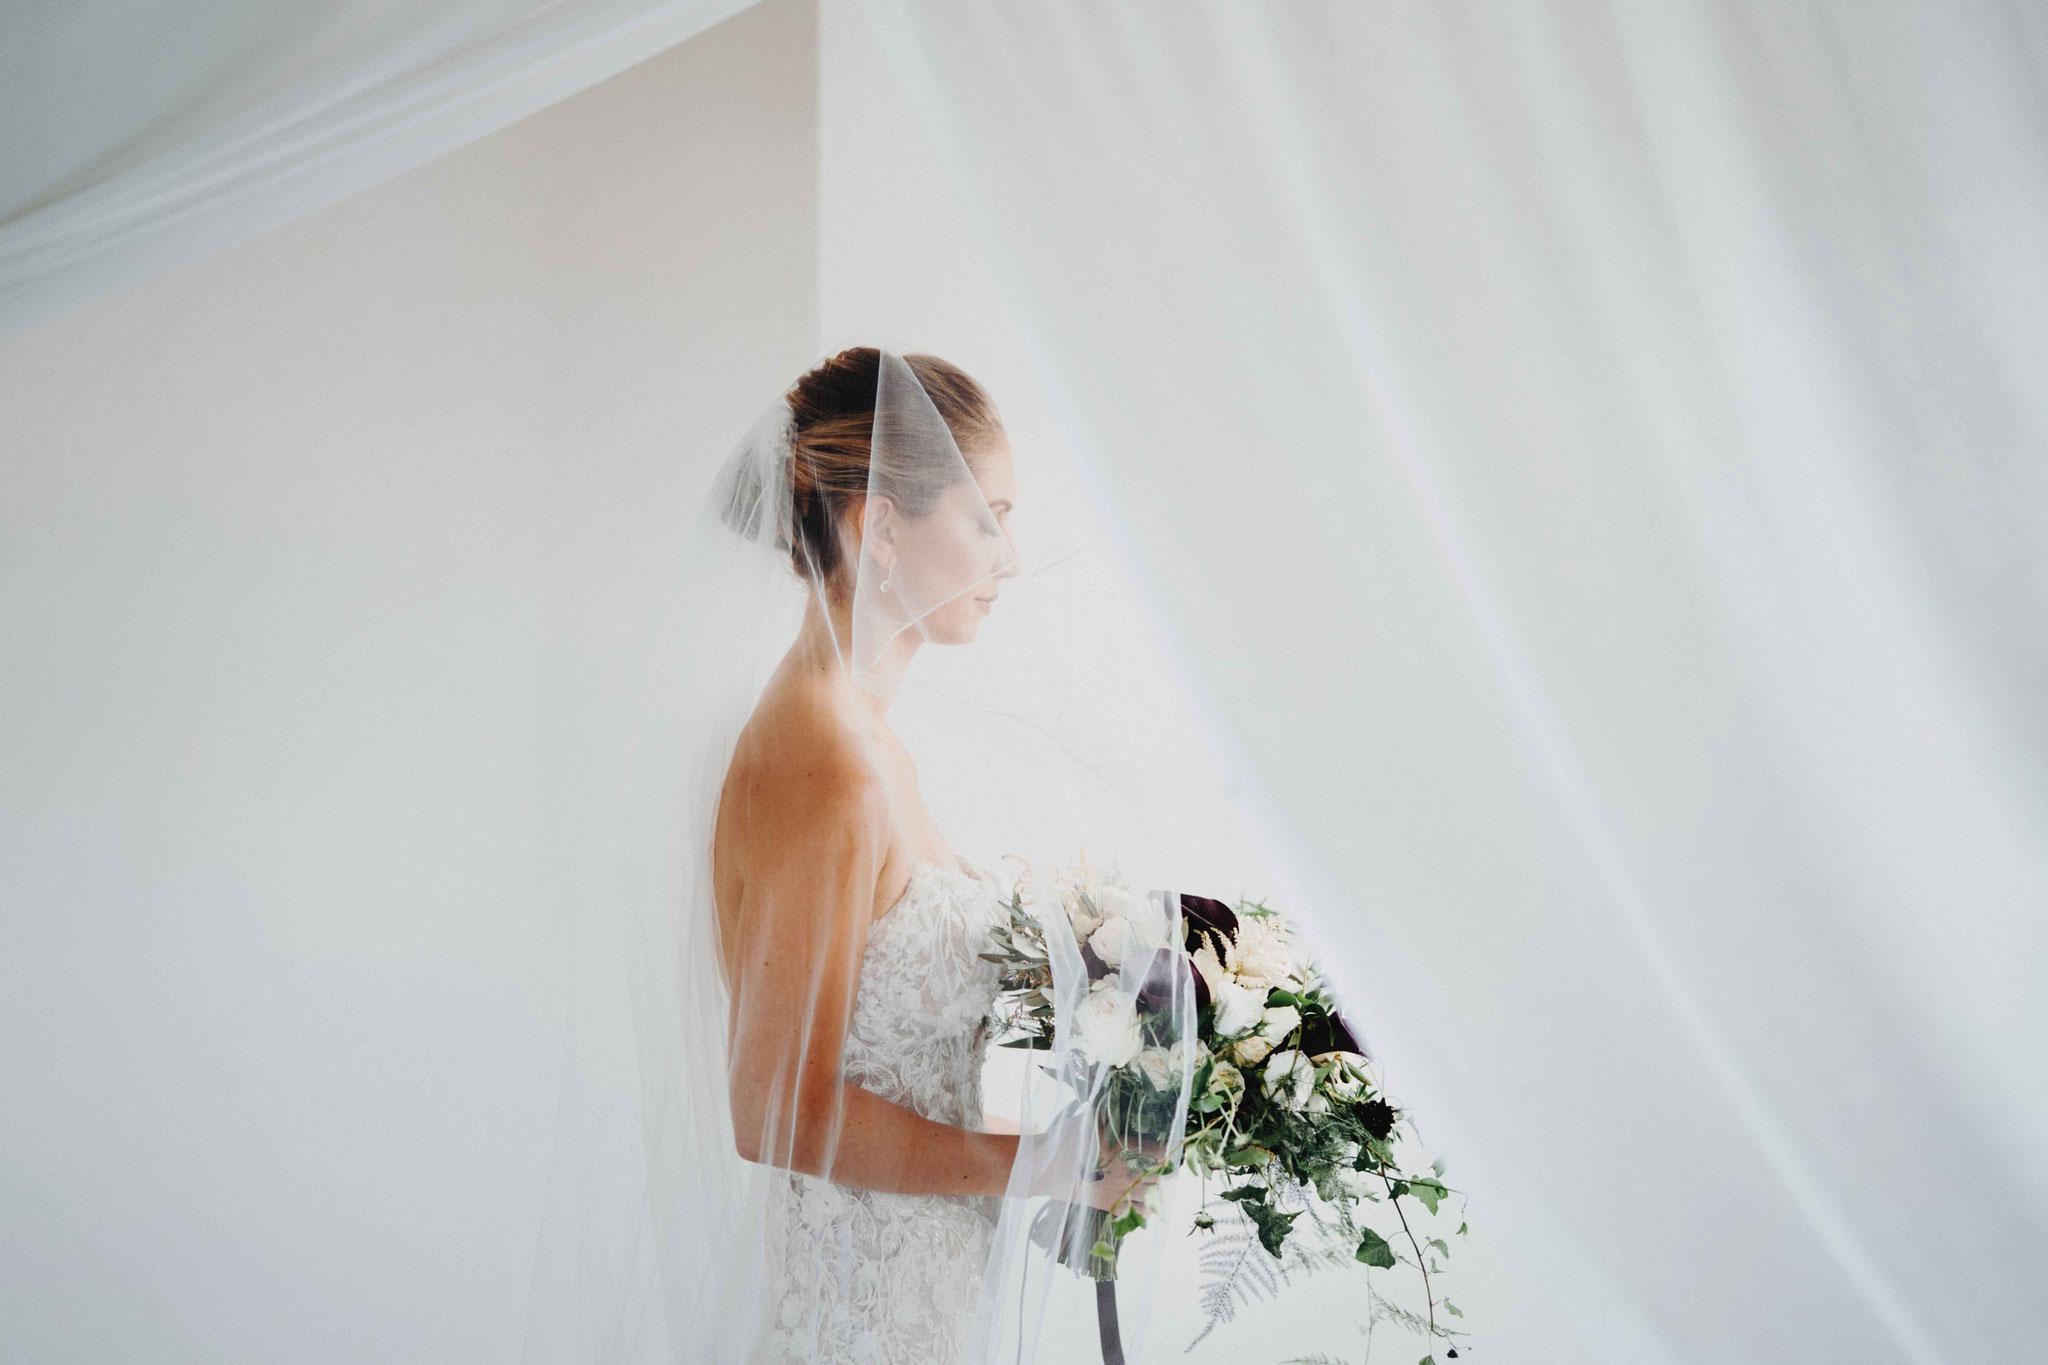 apulia_wedding_photography_08